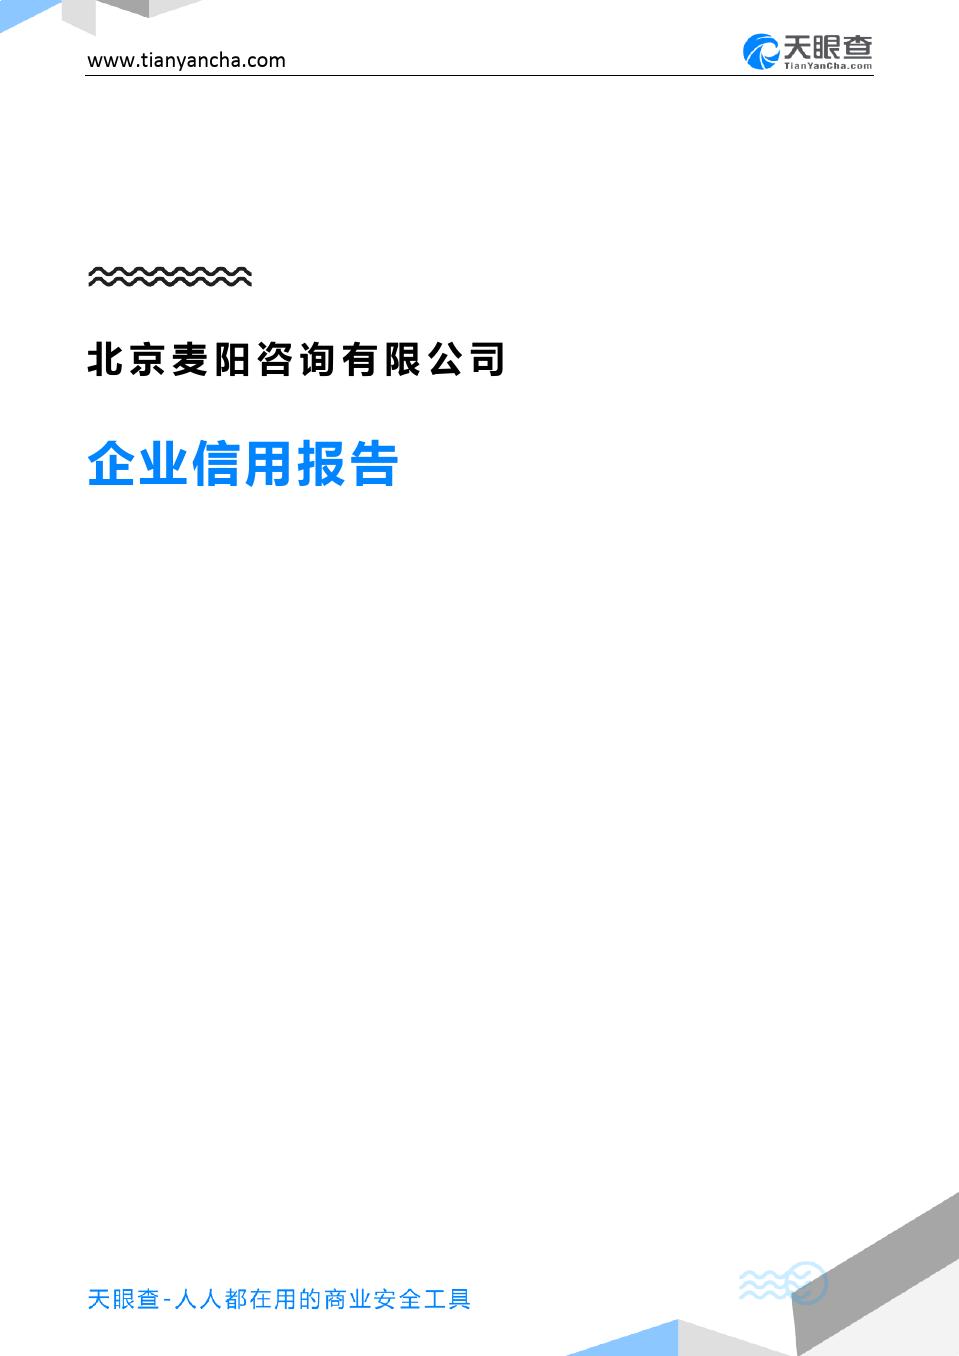 北京麦阳咨询有限公司(企业信用报告)- 天眼查